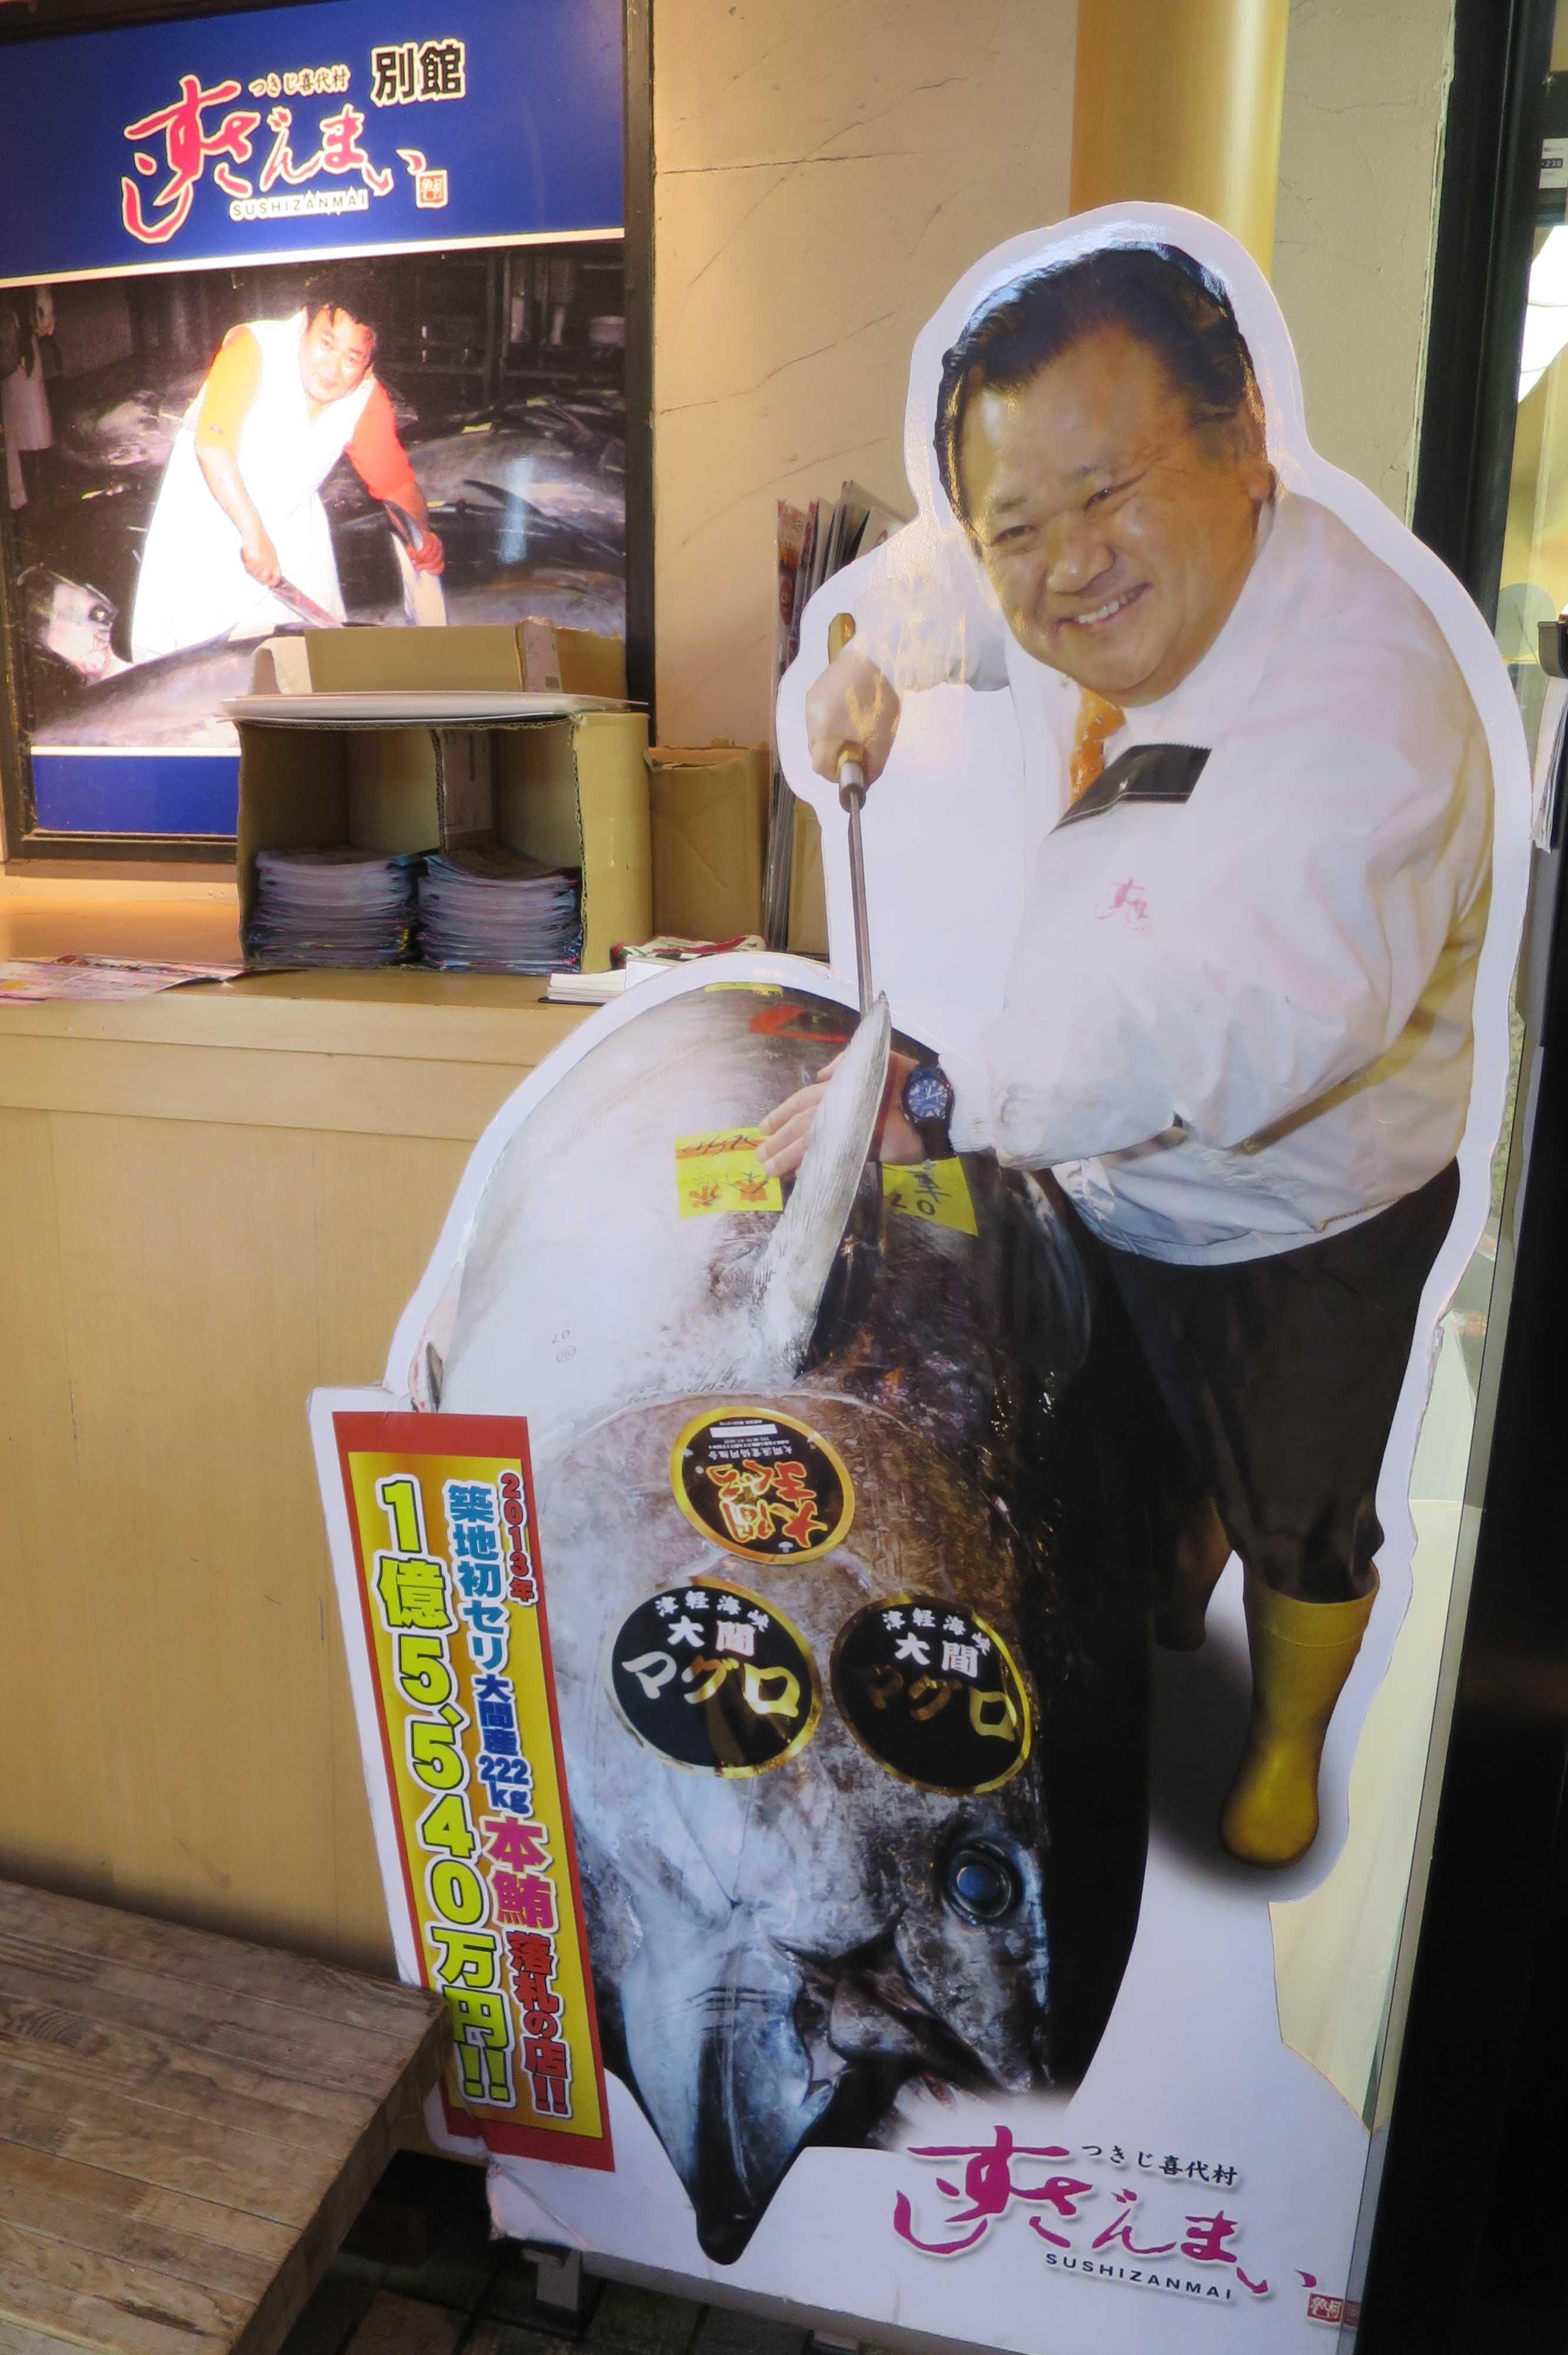 マグロ大王 「すしざんまい」つきじ喜代村社長の木村清社長